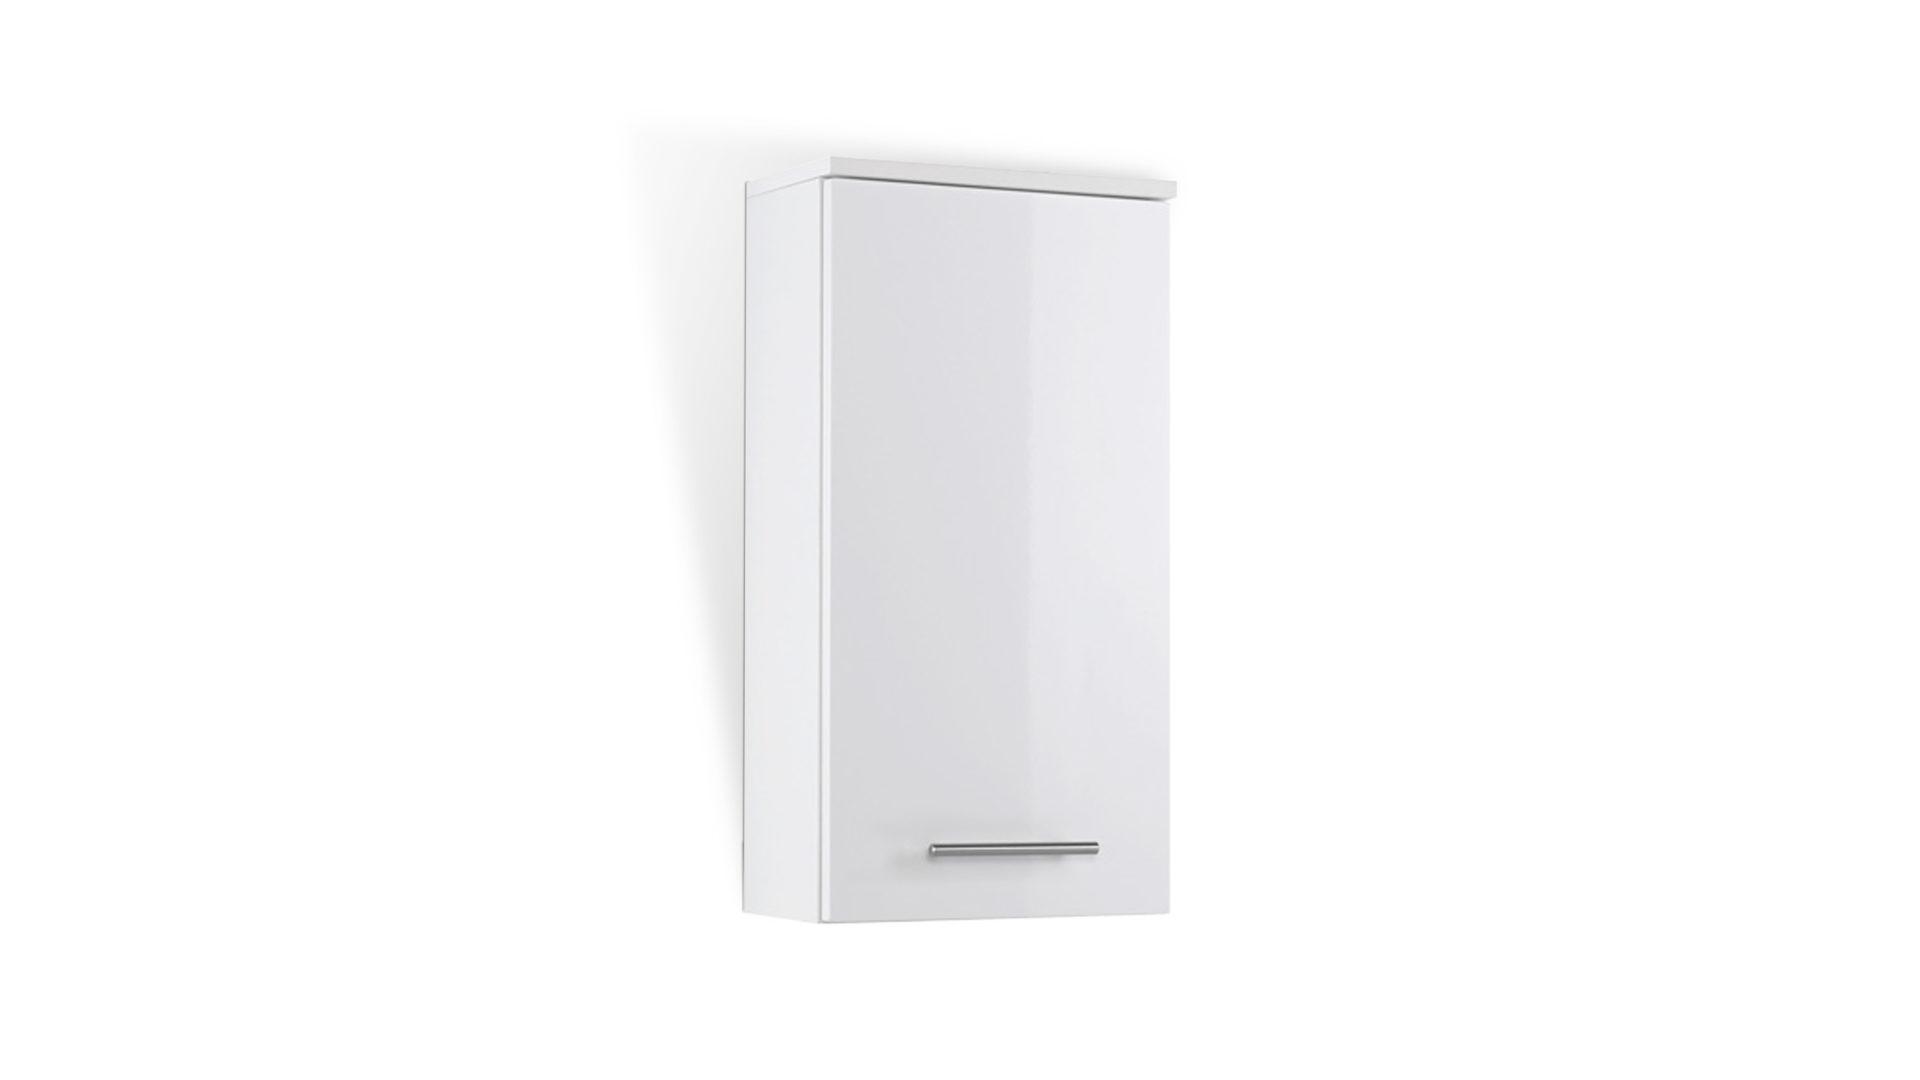 Bad-Hängeschrank Blanco bringt Ordnung ins Badezimmer, weiße Hochglanzfront  & weiße Melaminoberfläche – Breite ca. 35 cm,